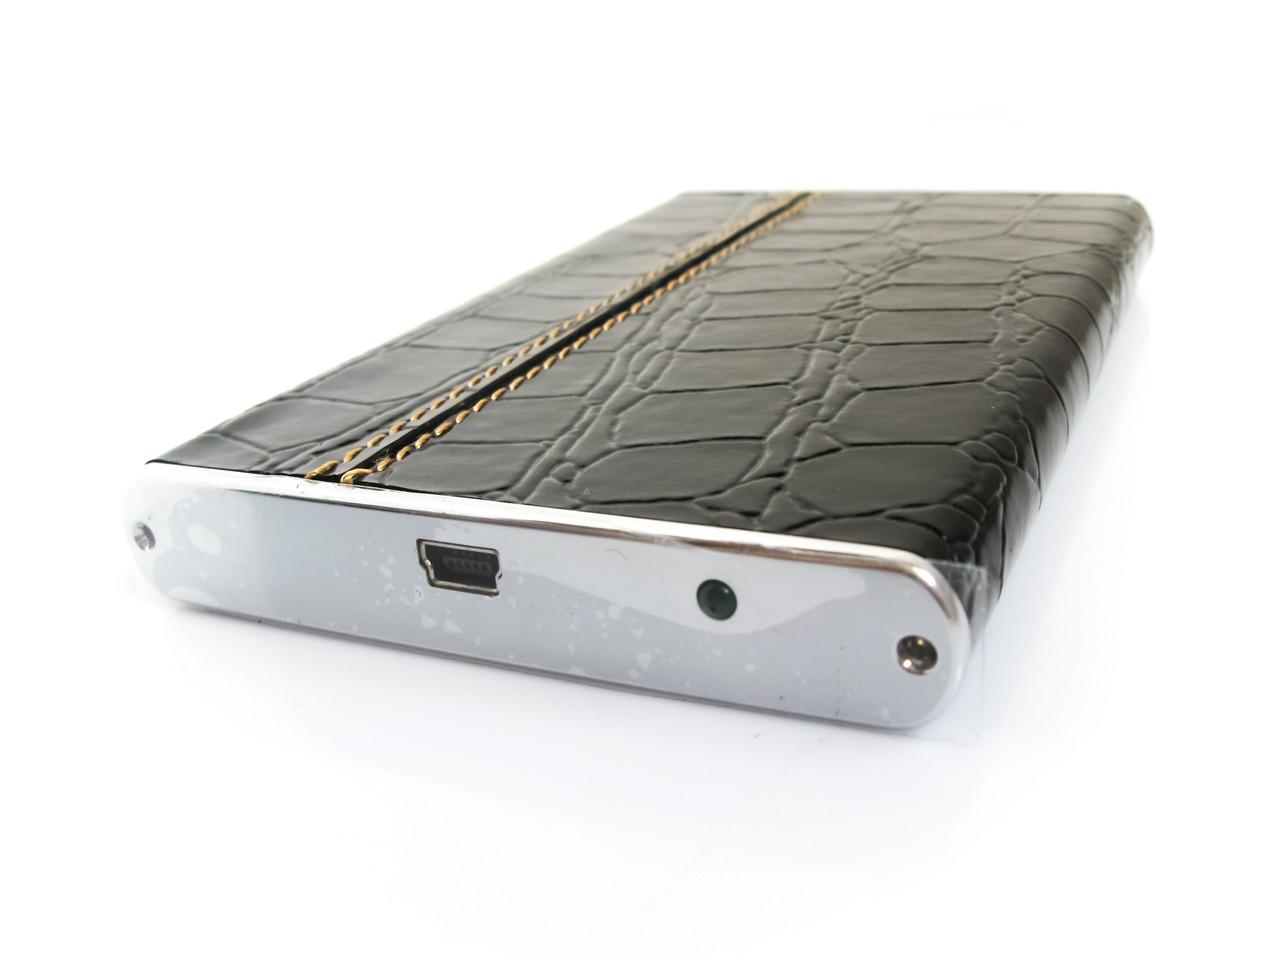 Внешний карман для HDD 2.5 дюймов, USB 2.0, 3QHDD-U225-EB, чёрный крокодил, аллюминий